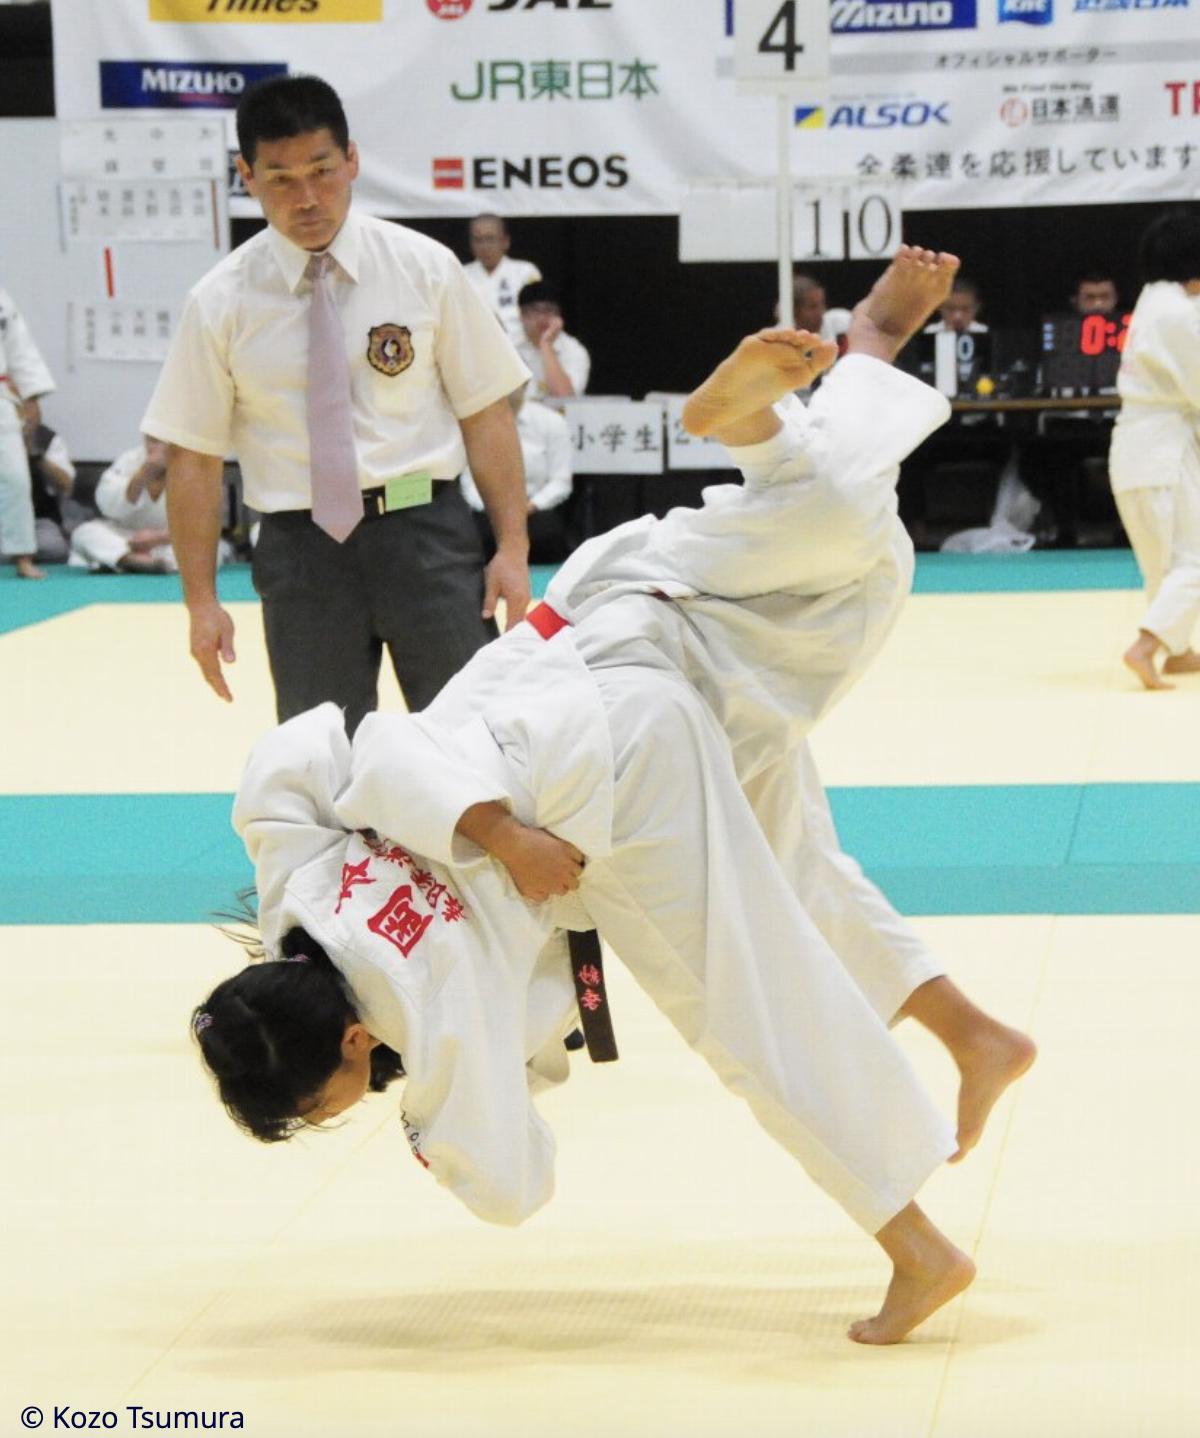 Un enfant japonais passe uchimata en compétition